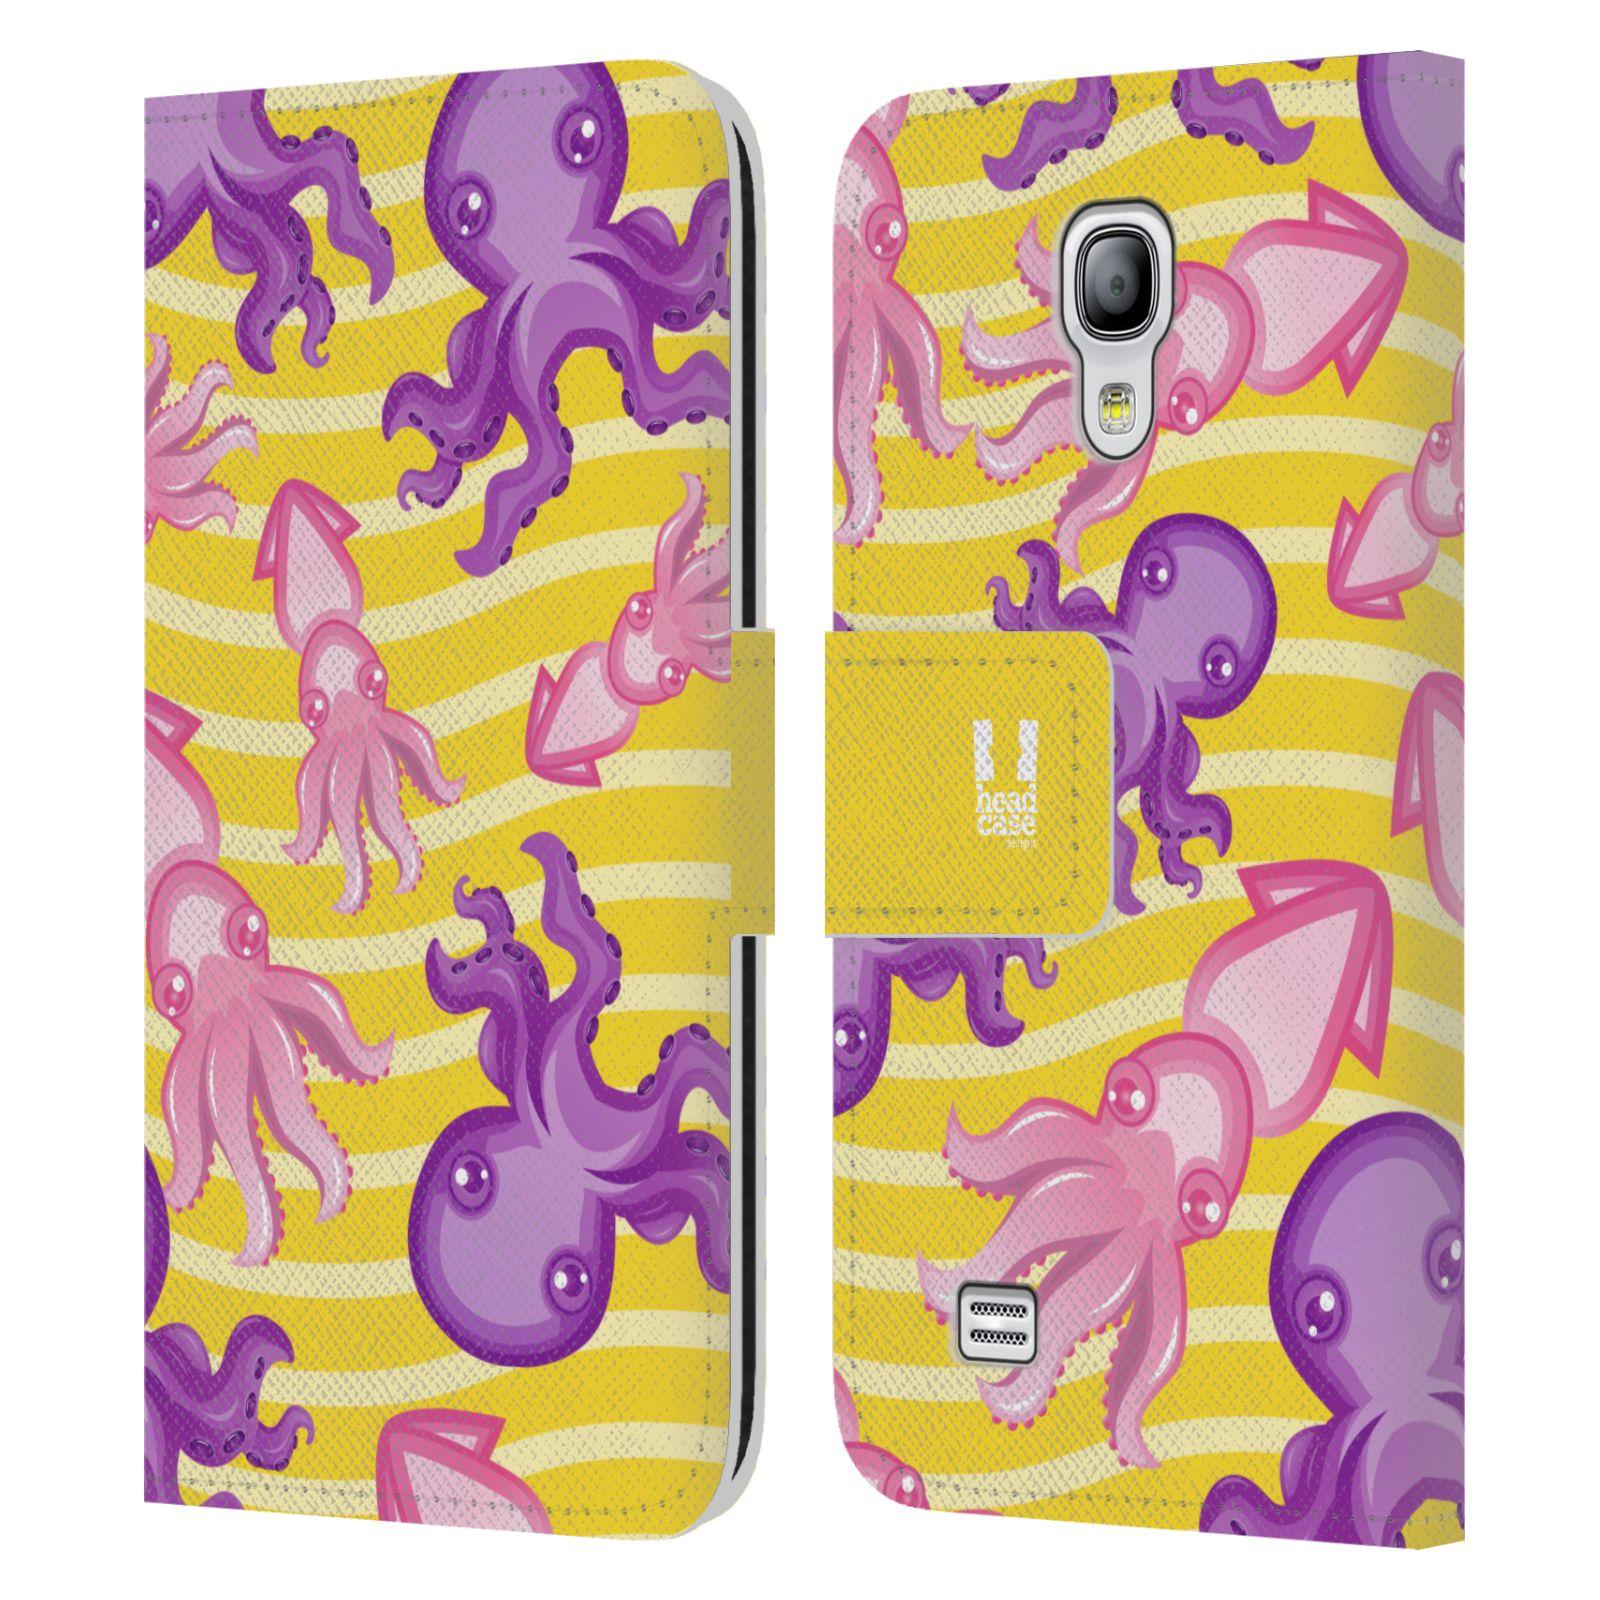 HEAD CASE Flipové pouzdro pro mobil Samsung Galaxy S4 MINI / S4 MINI DUOS Mořský živočich chobotnice a krakatice žlutá barva